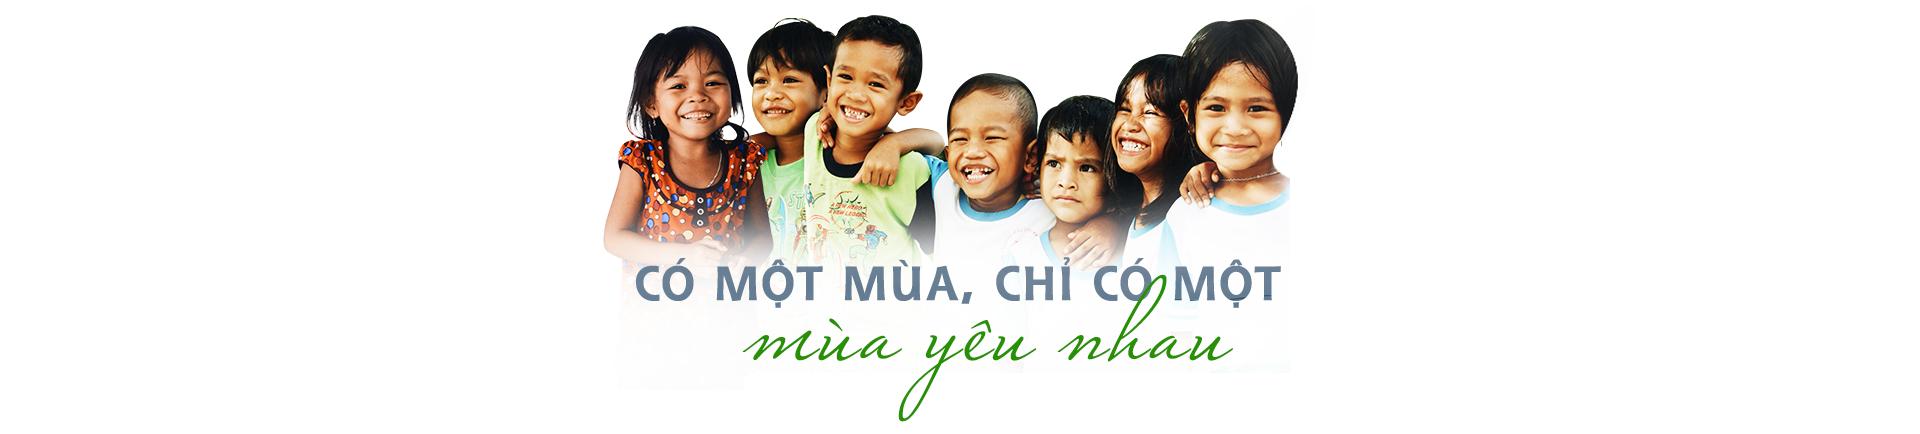 Chùm ảnh về những đứa trẻ ở vùng đất mang tên 'Giấc mơ Chapi'